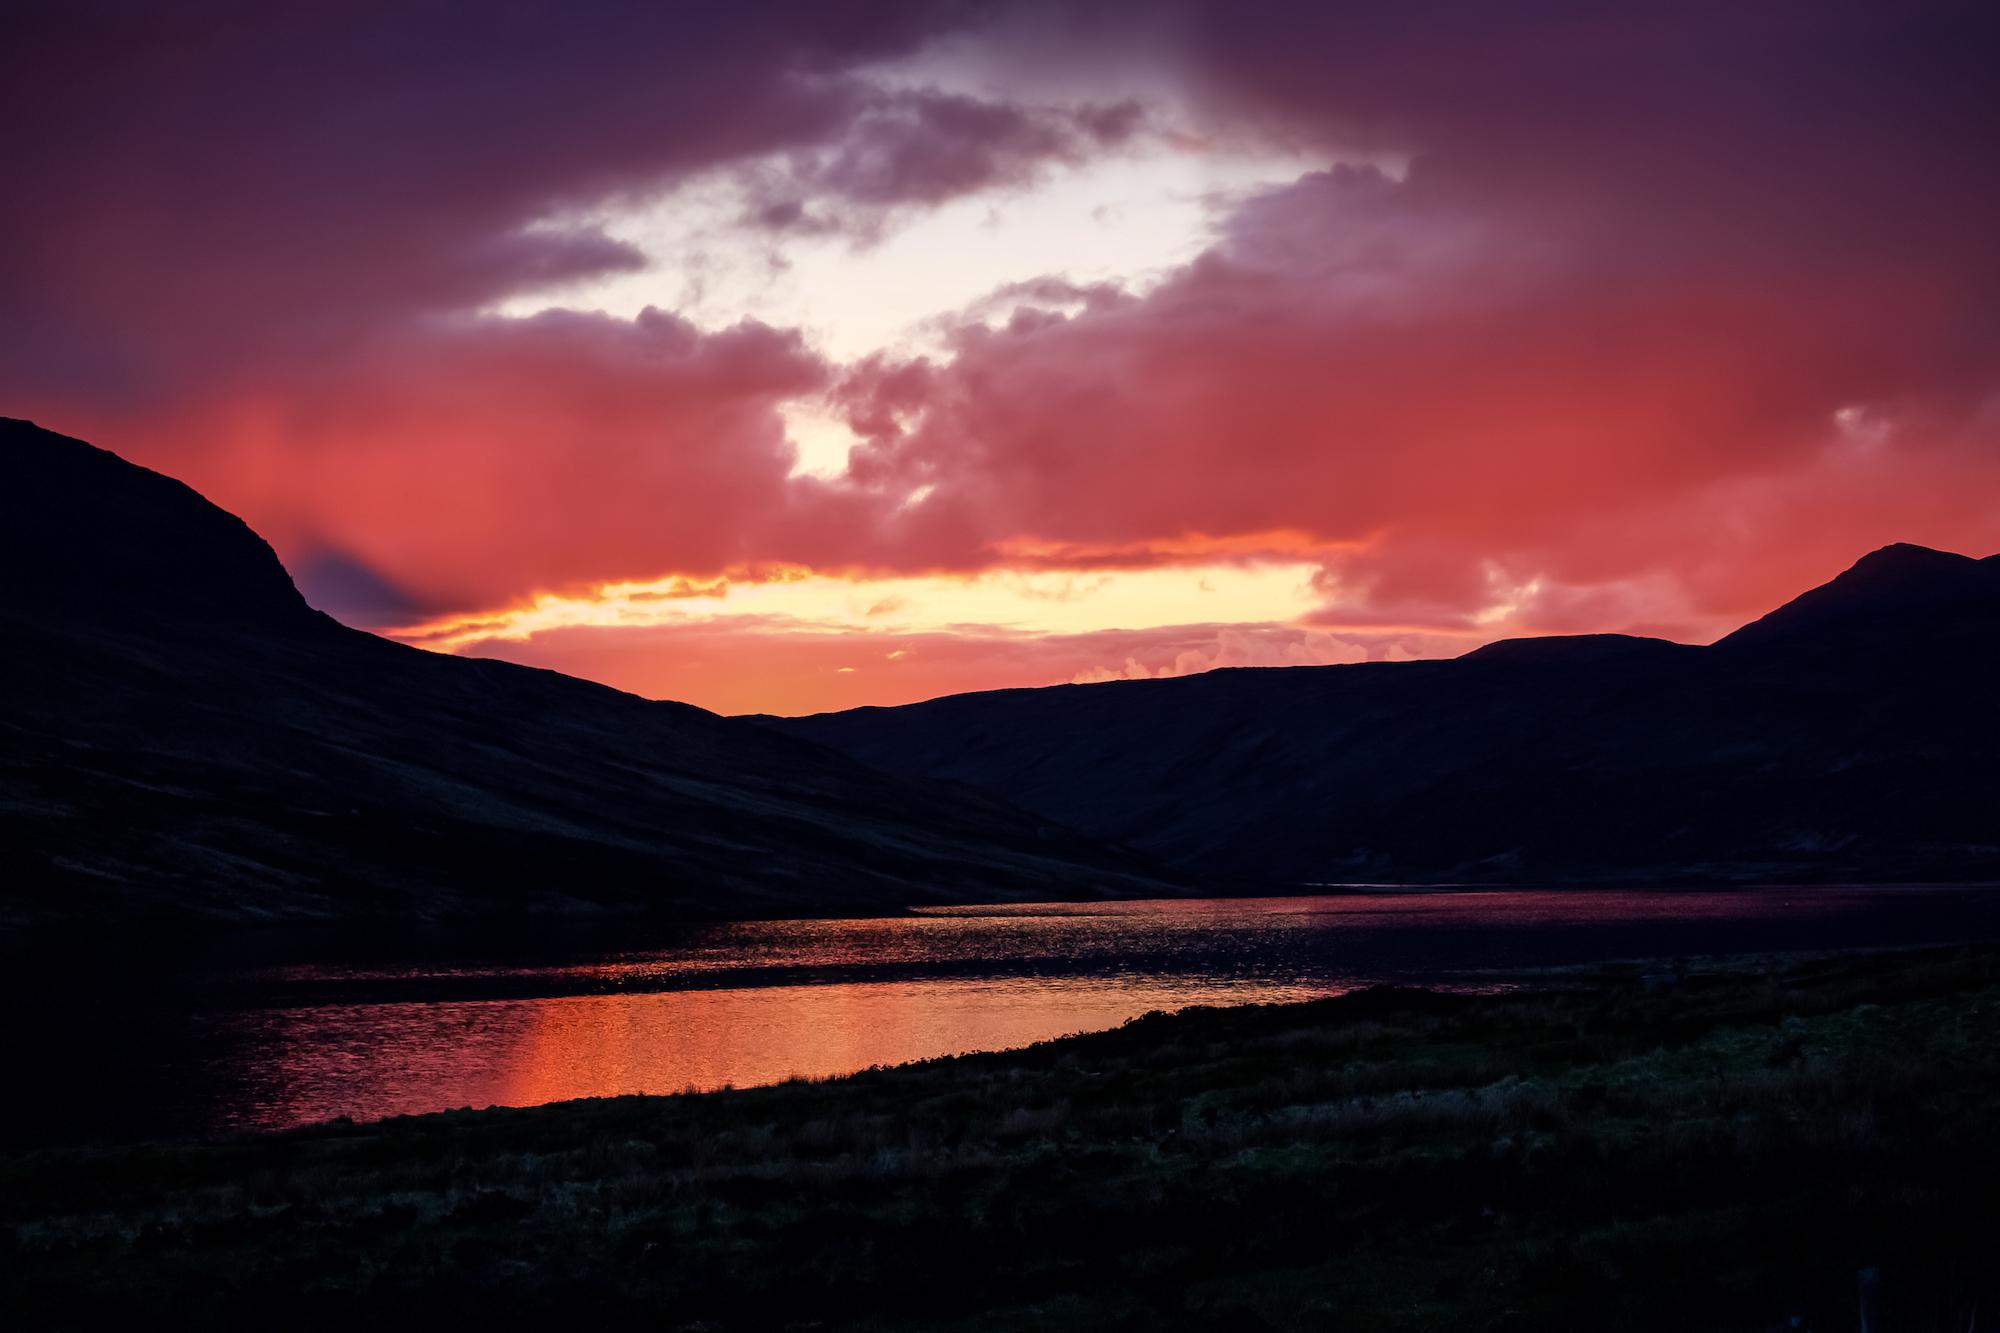 (161) (PO) Red Sunset over Loch Merkland in Sutherland, Scotland.jpg